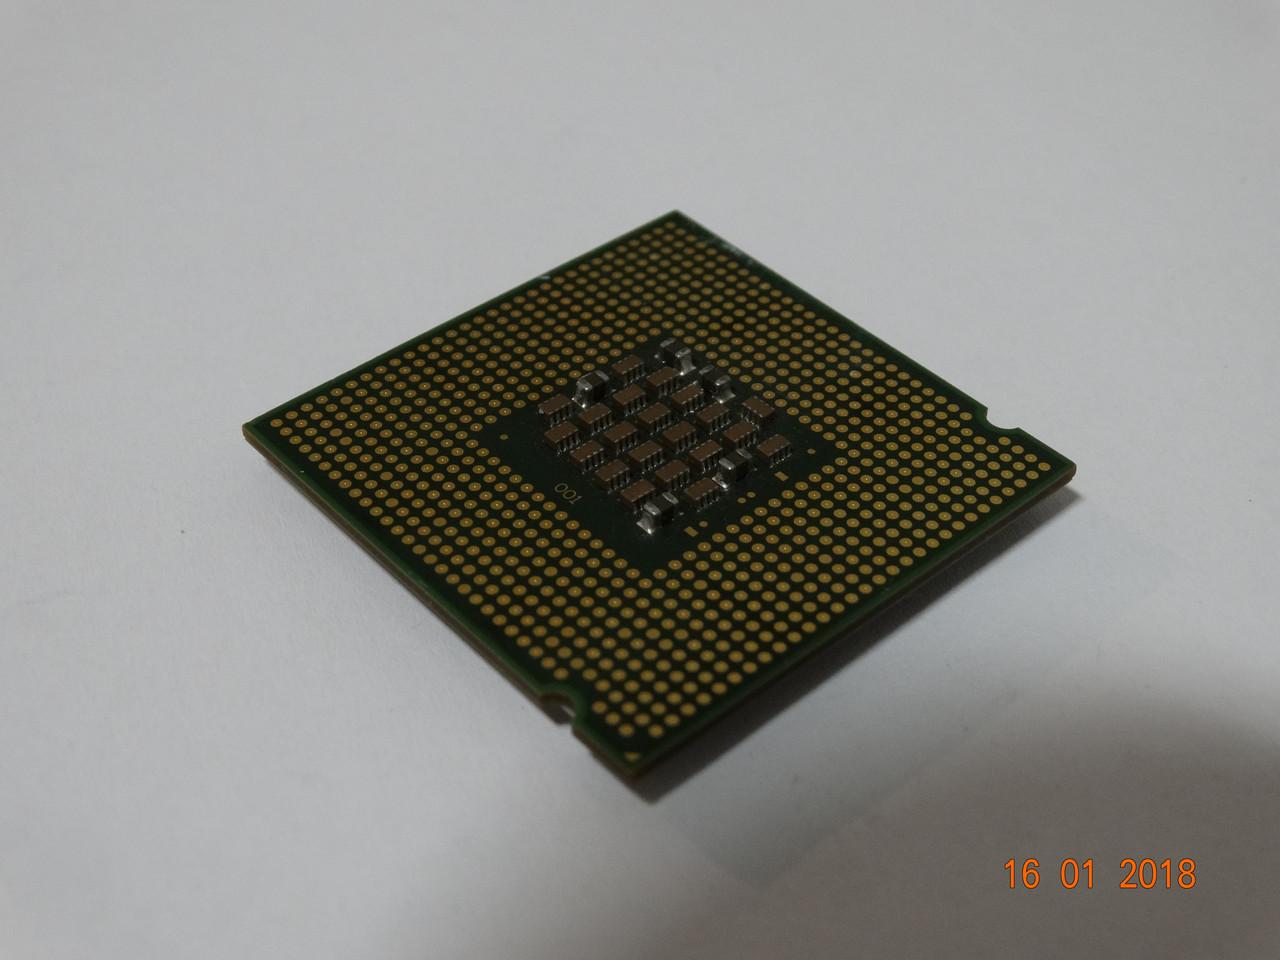 Процессор Intel® Celeron® D 326 тактовая частота 2,53 ГГц, 256 КБ кэш-памяти, частота системной шины 533 МГц